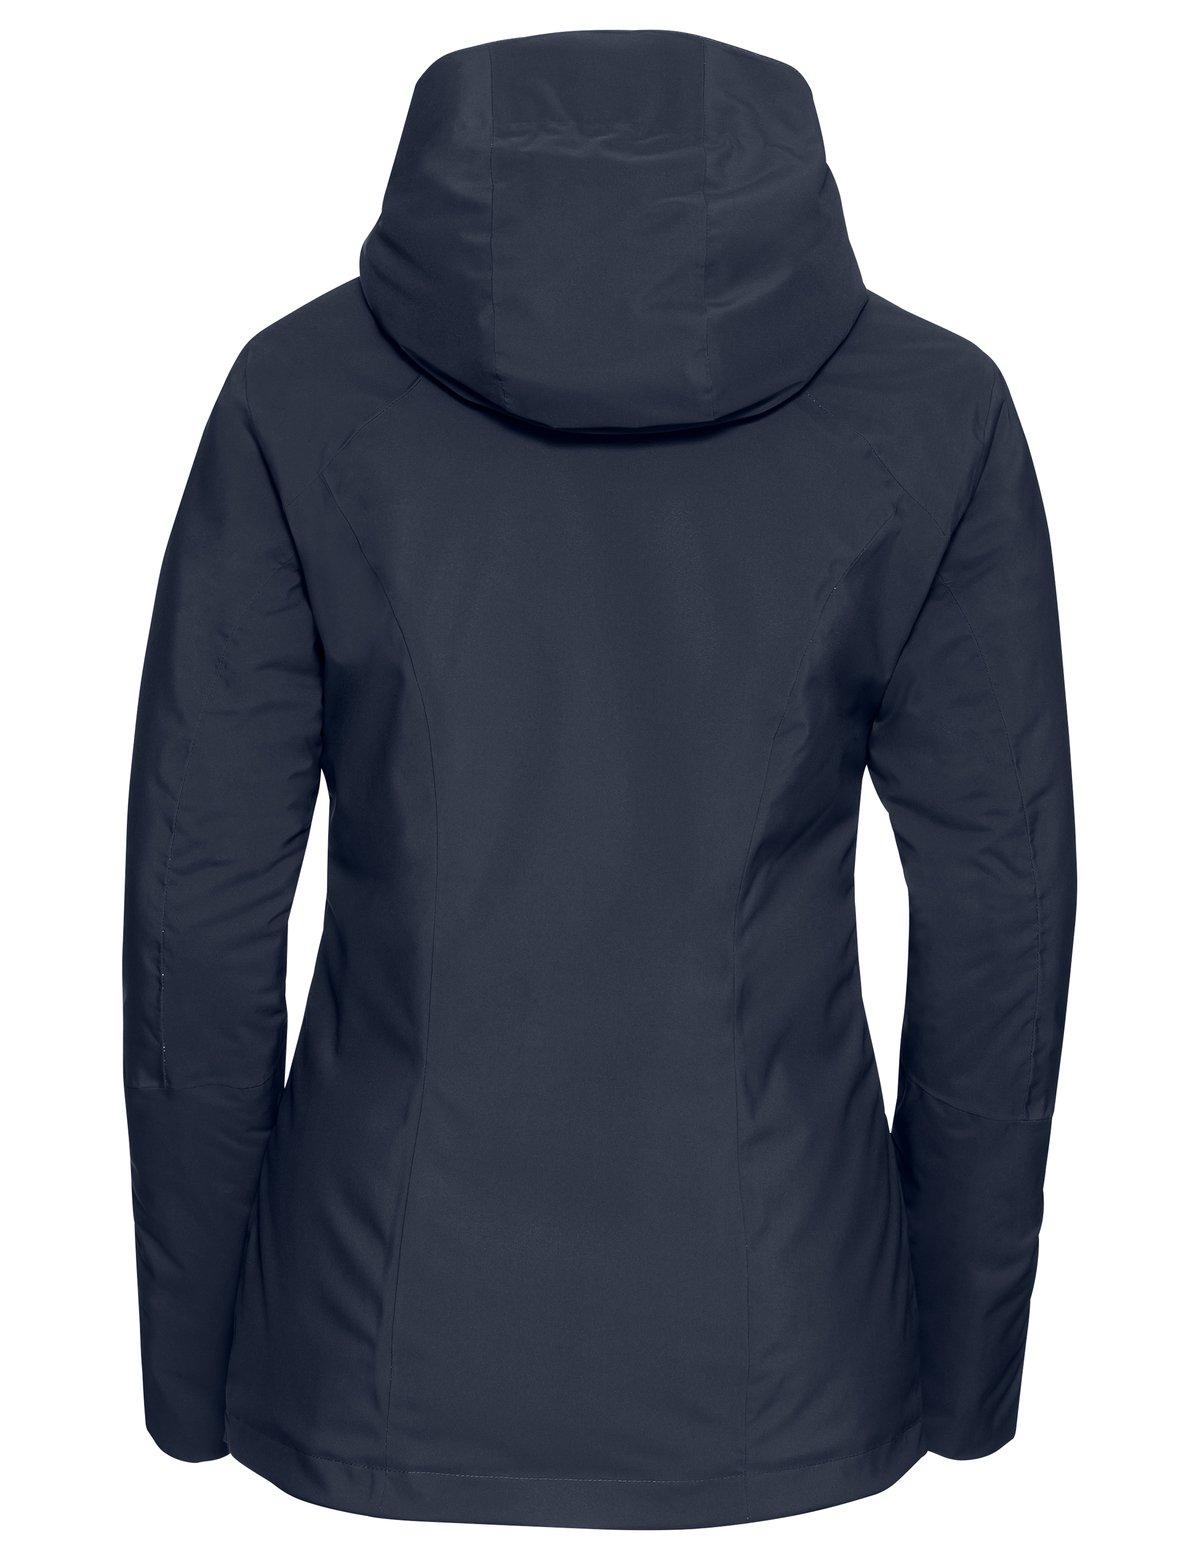 61TqsKFhd5L - VAUDE Women's Carbisdale Jacket